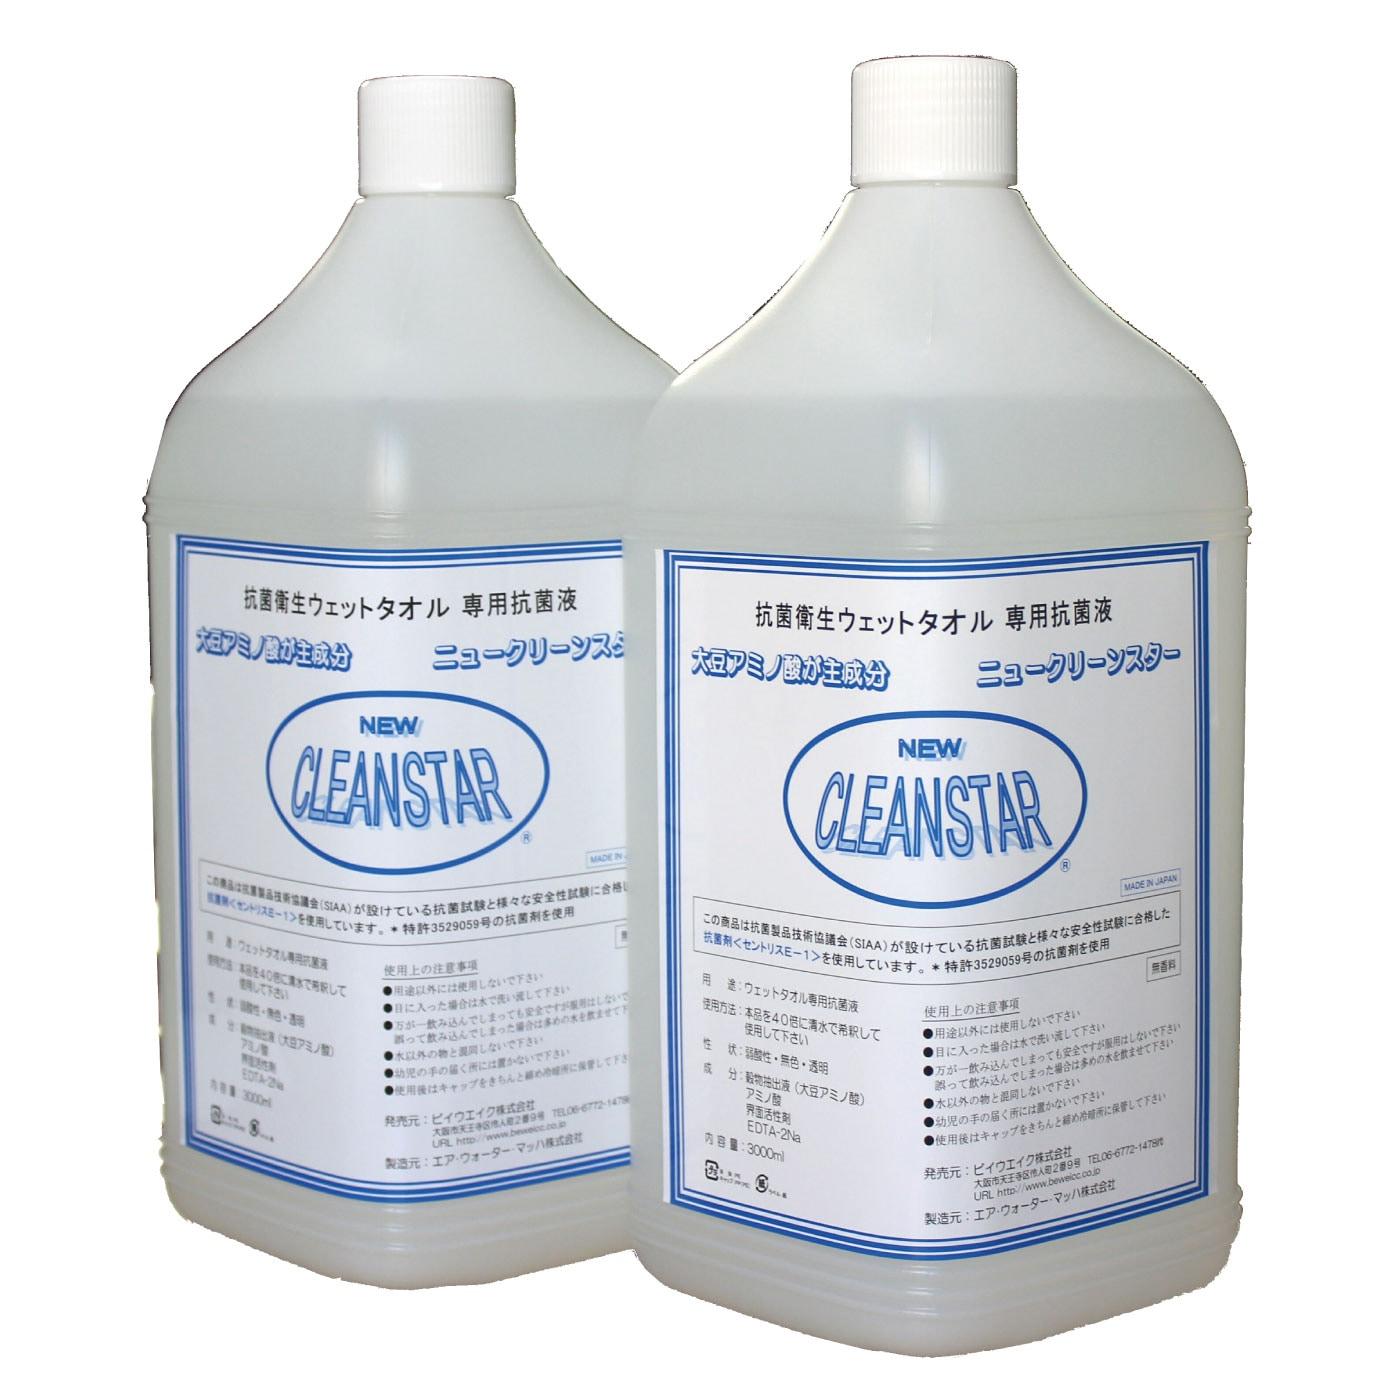 大容量の除菌抗菌液